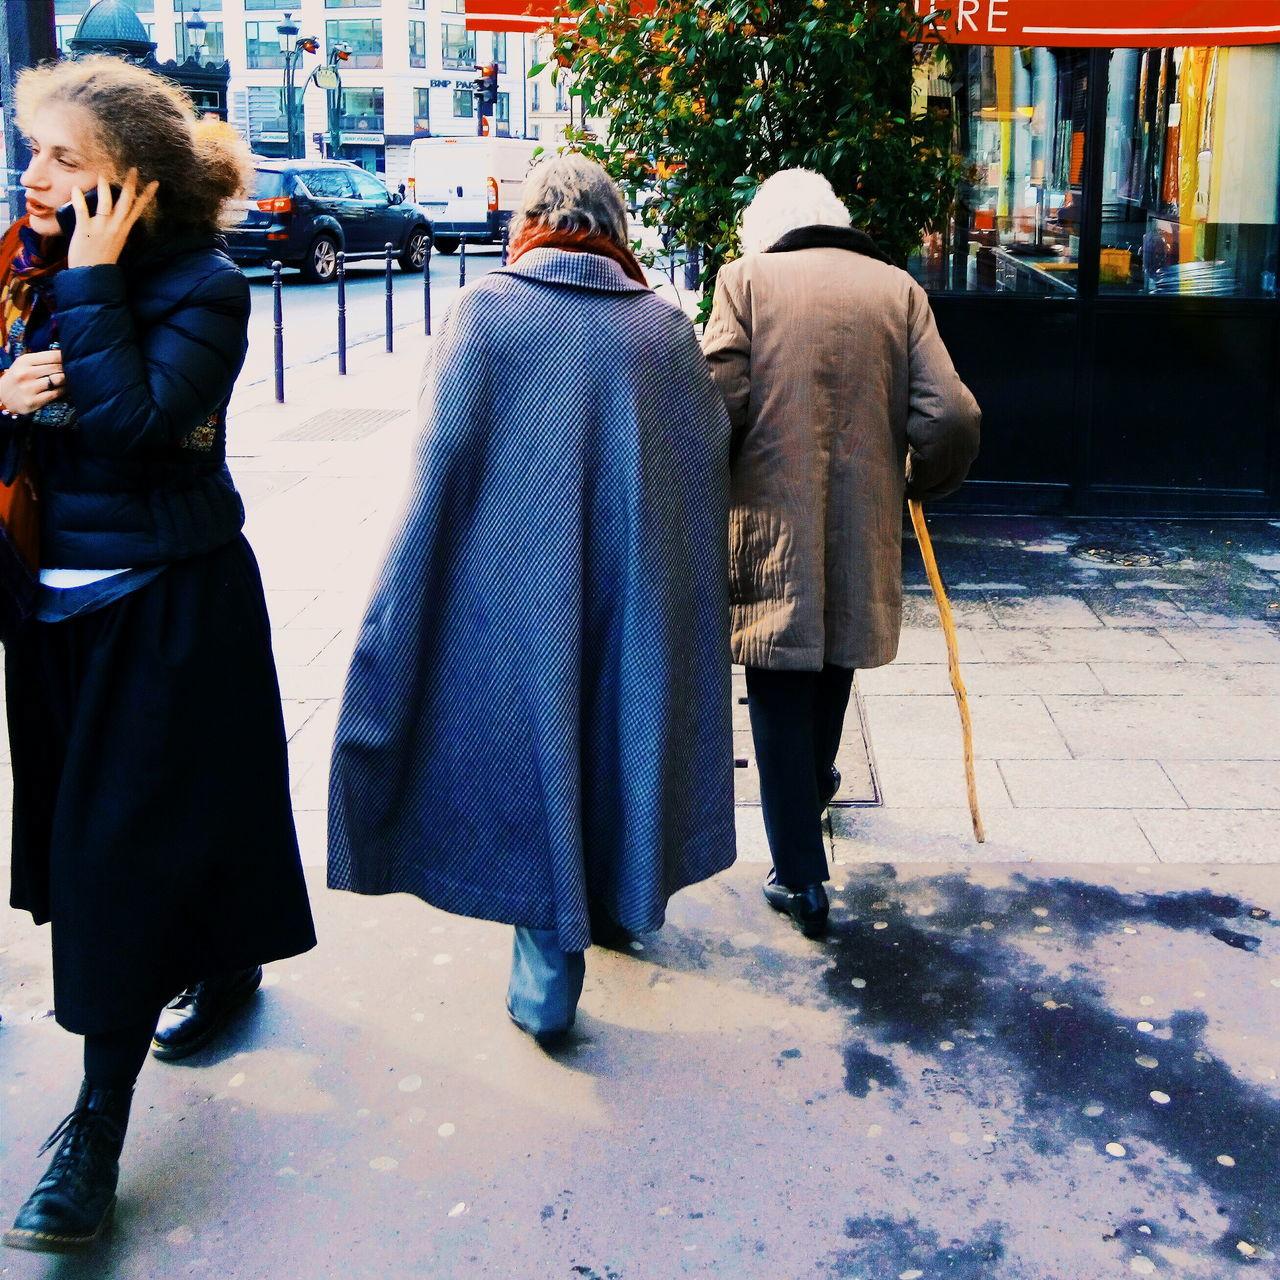 VIEW OF PEOPLE WALKING ON FOOTPATH